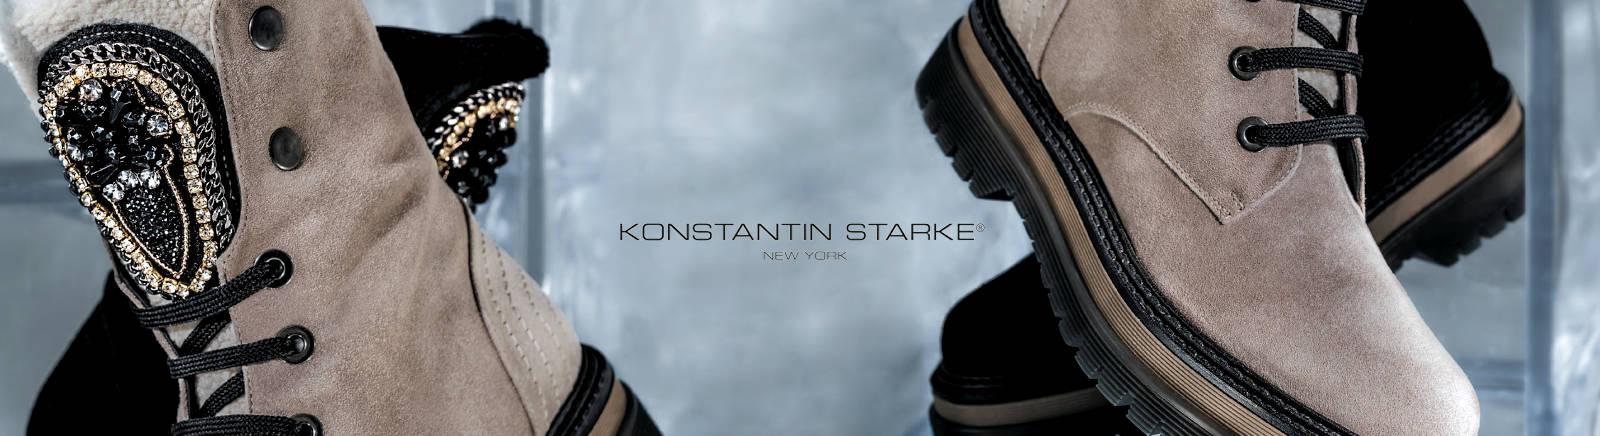 Konstantin Starke Schuhe für Damen bestellen im Juppen Shop